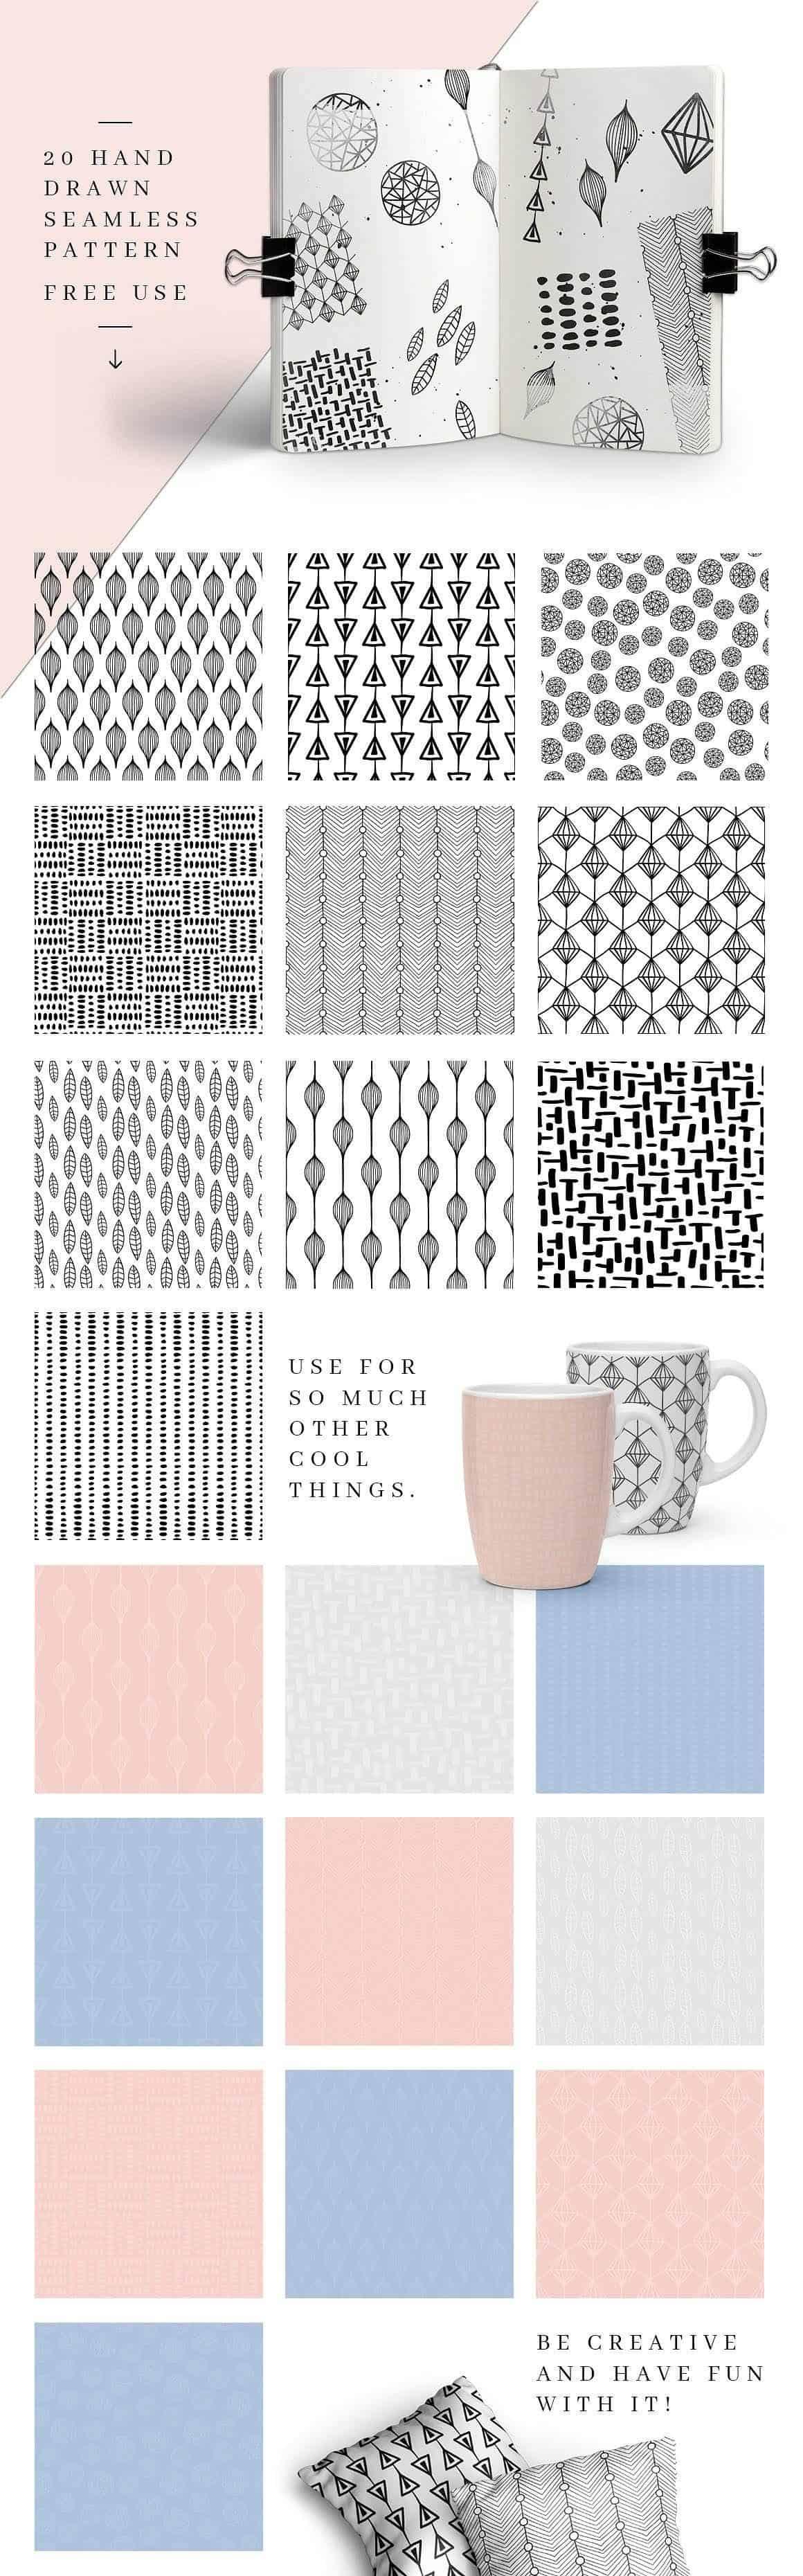 Pattern thiết kế sản phẩm